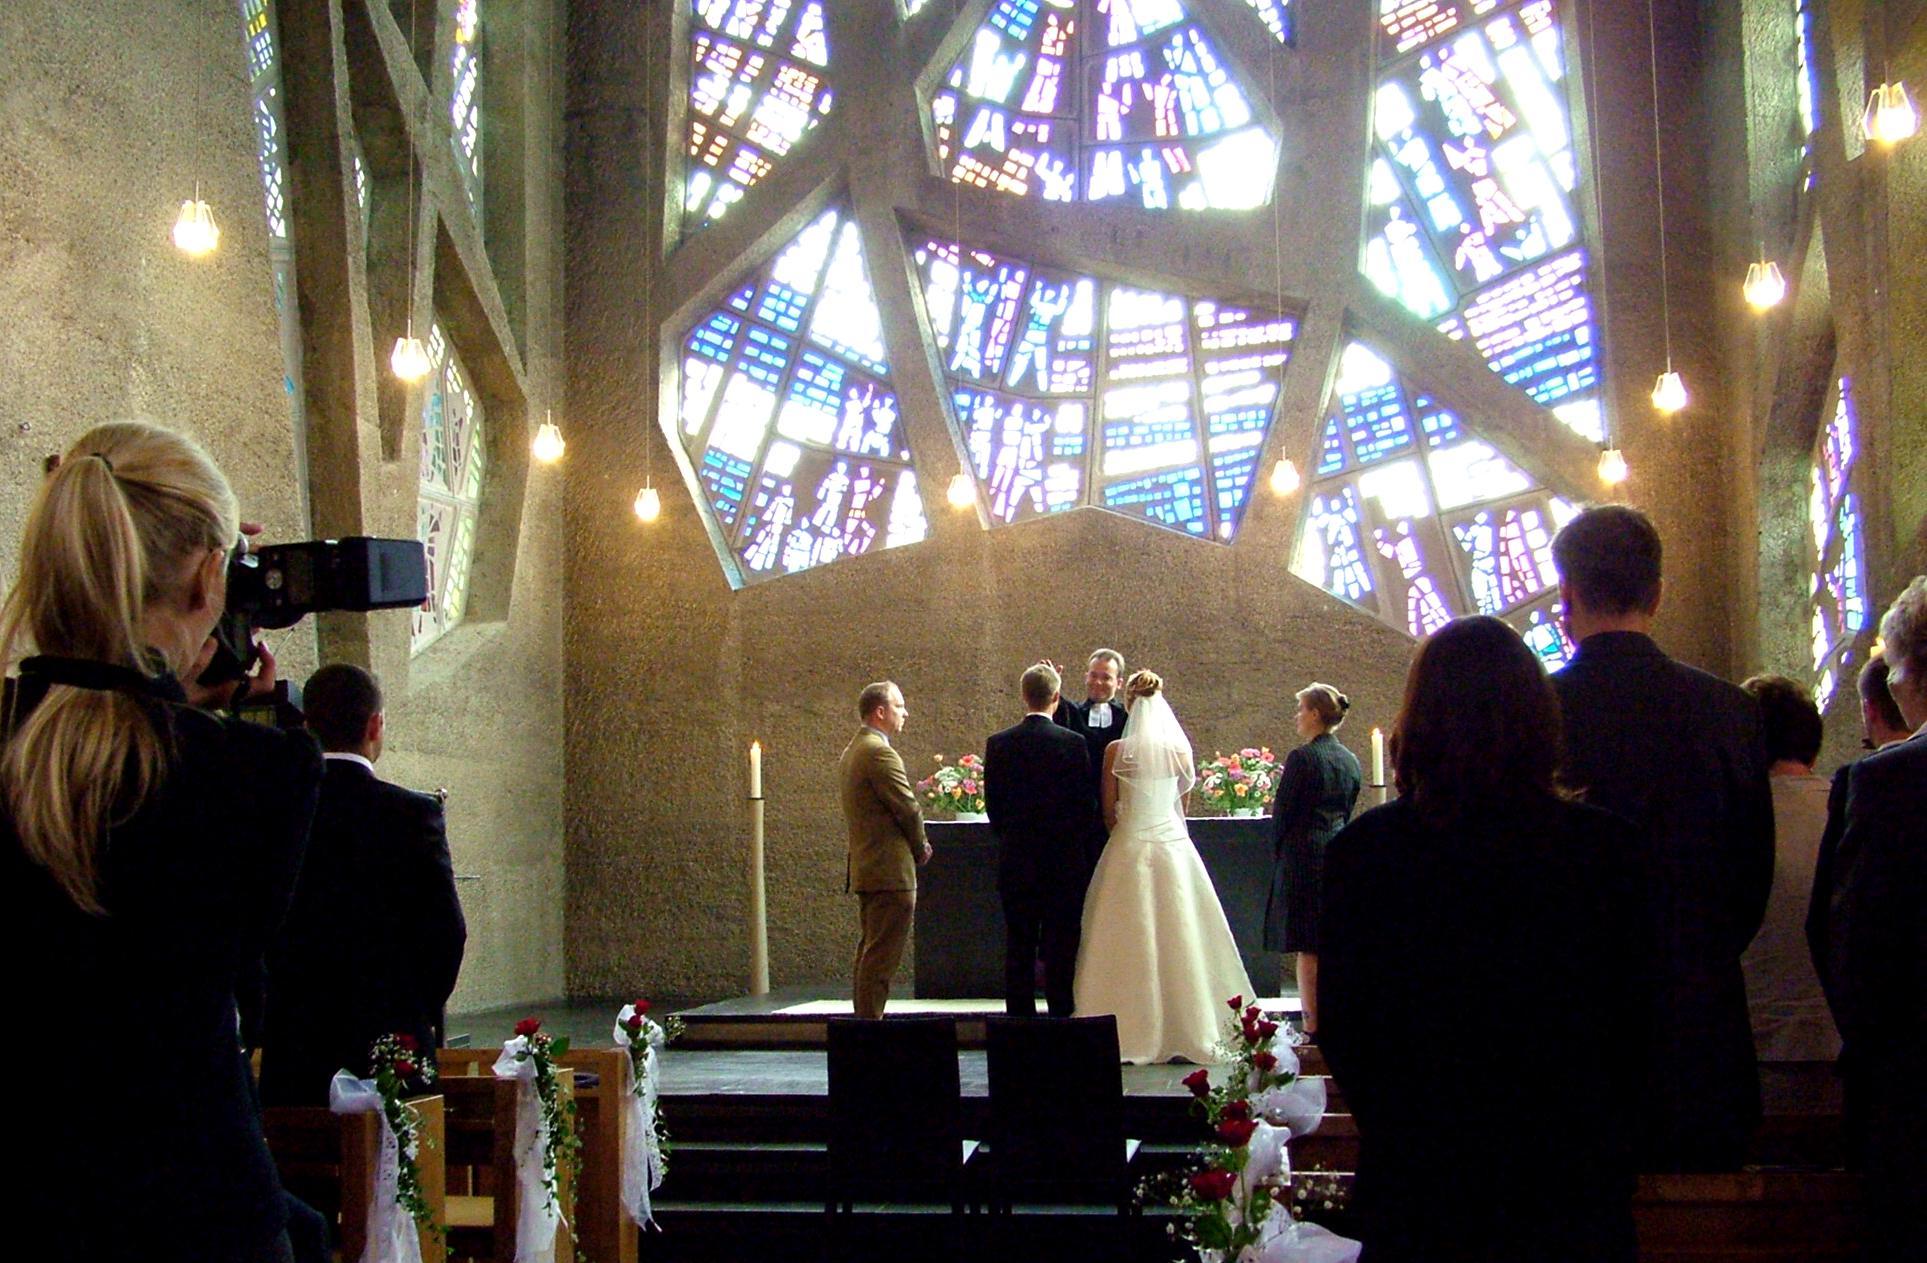 Erneute kirchliche trauung nach scheidung